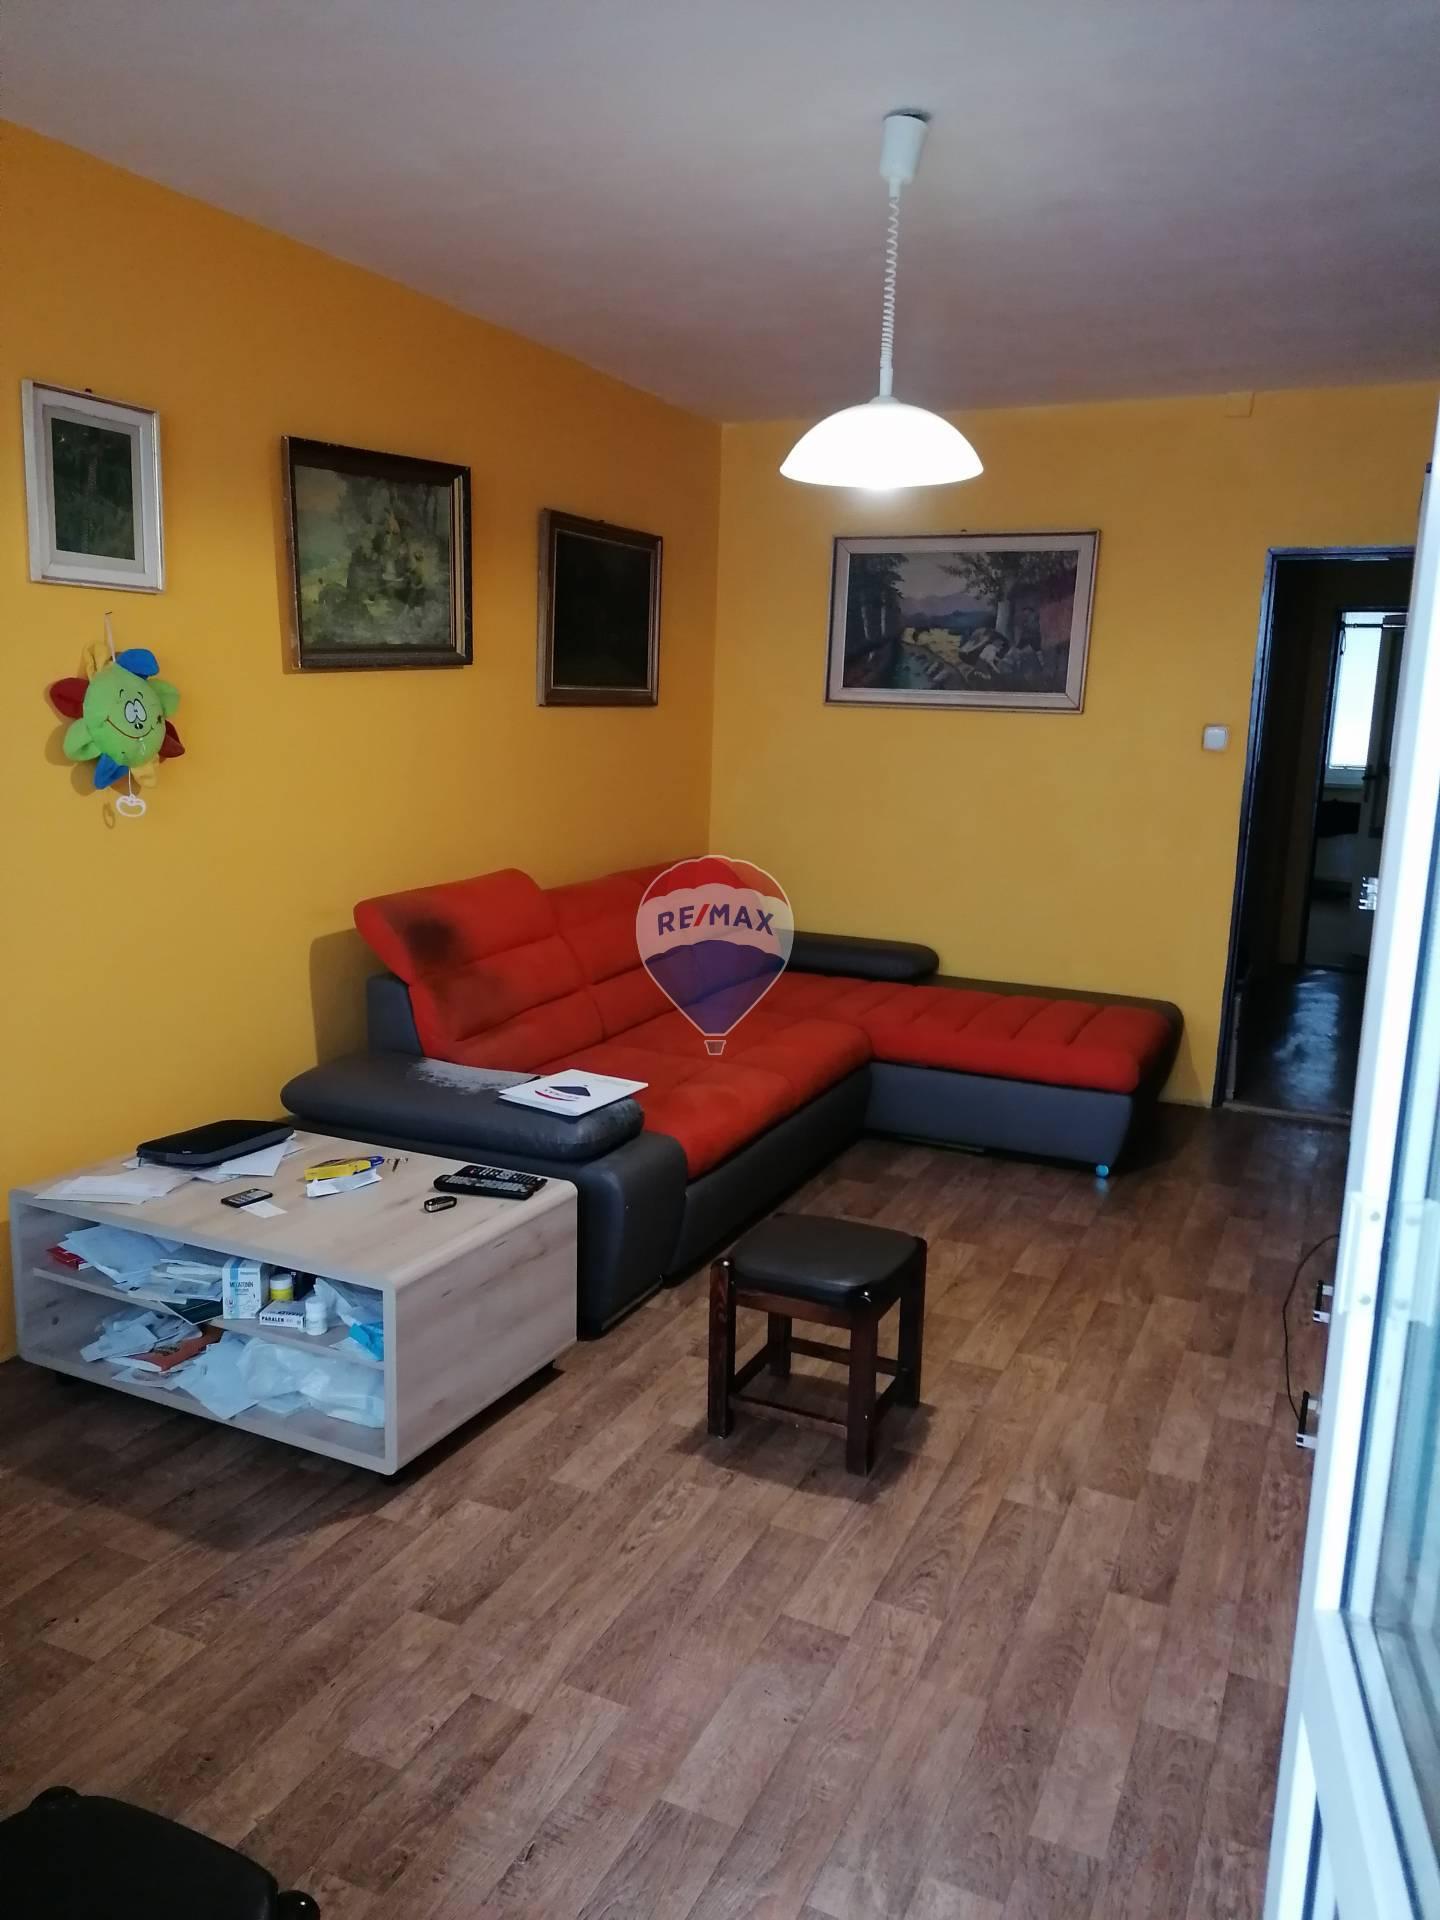 Predaj bytu (3 izbový) 69 m2, Košice - Dargovských hrdinov -